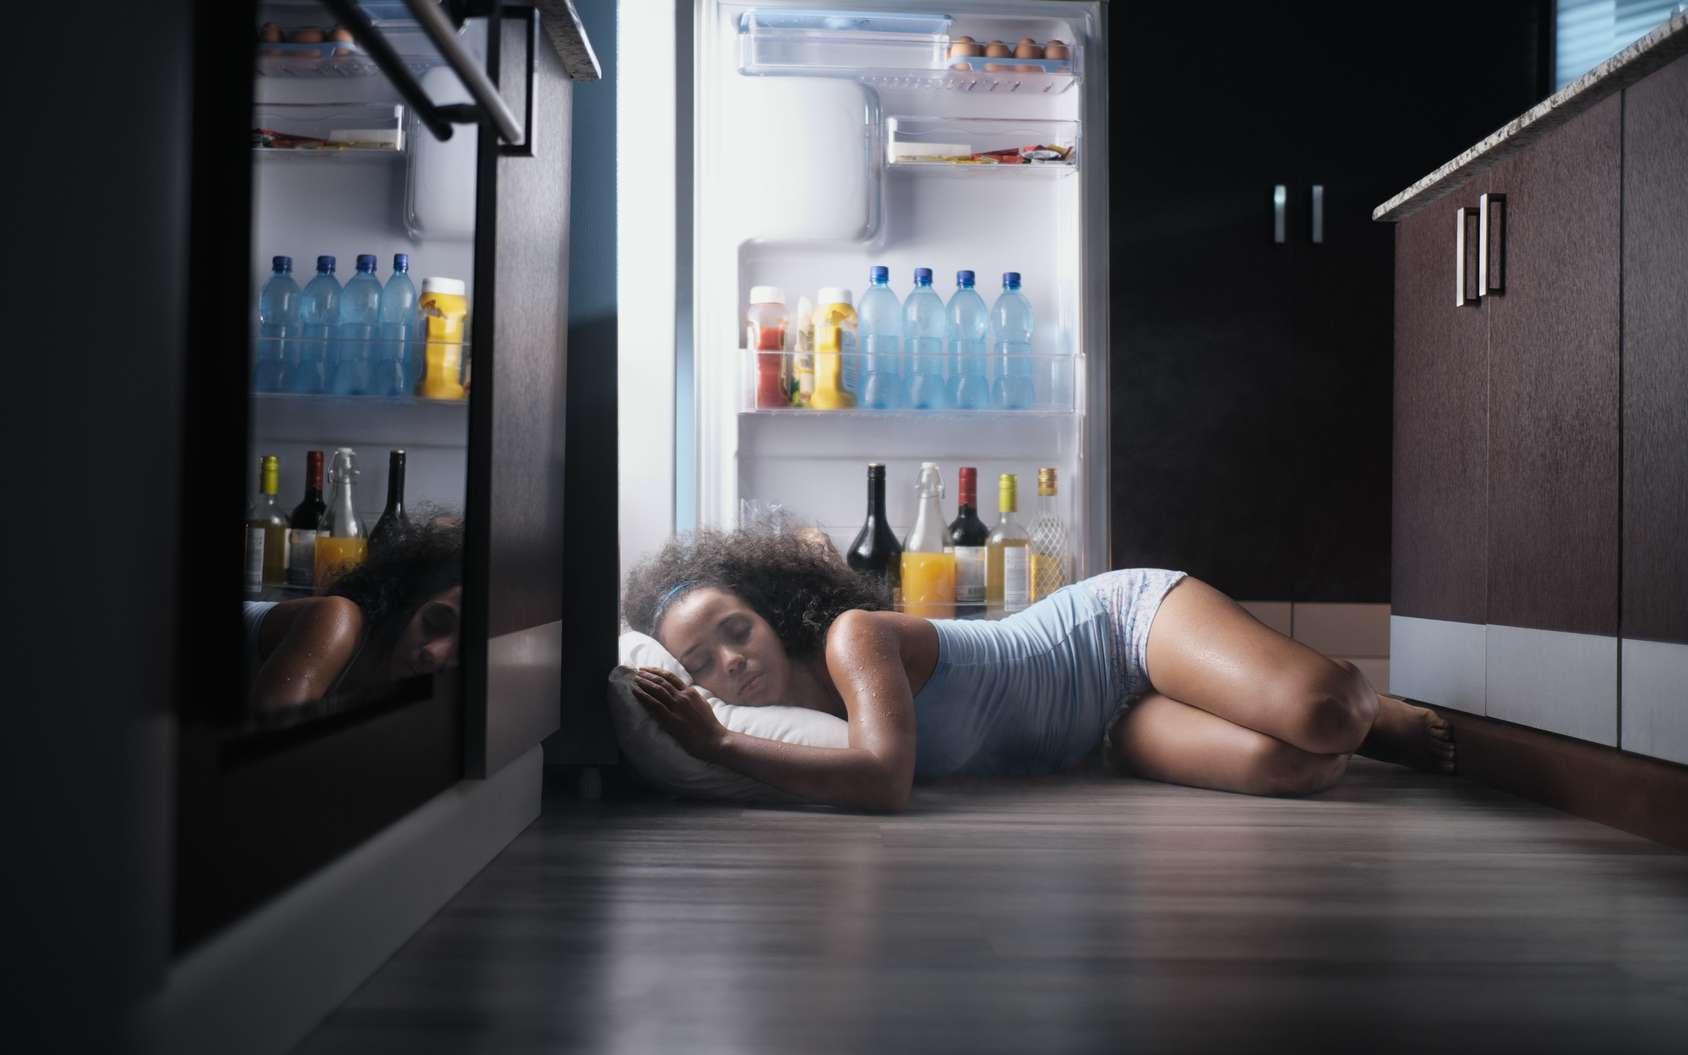 Comment bien dormir quand il fait très chaud ? © diego cervo, fotolia